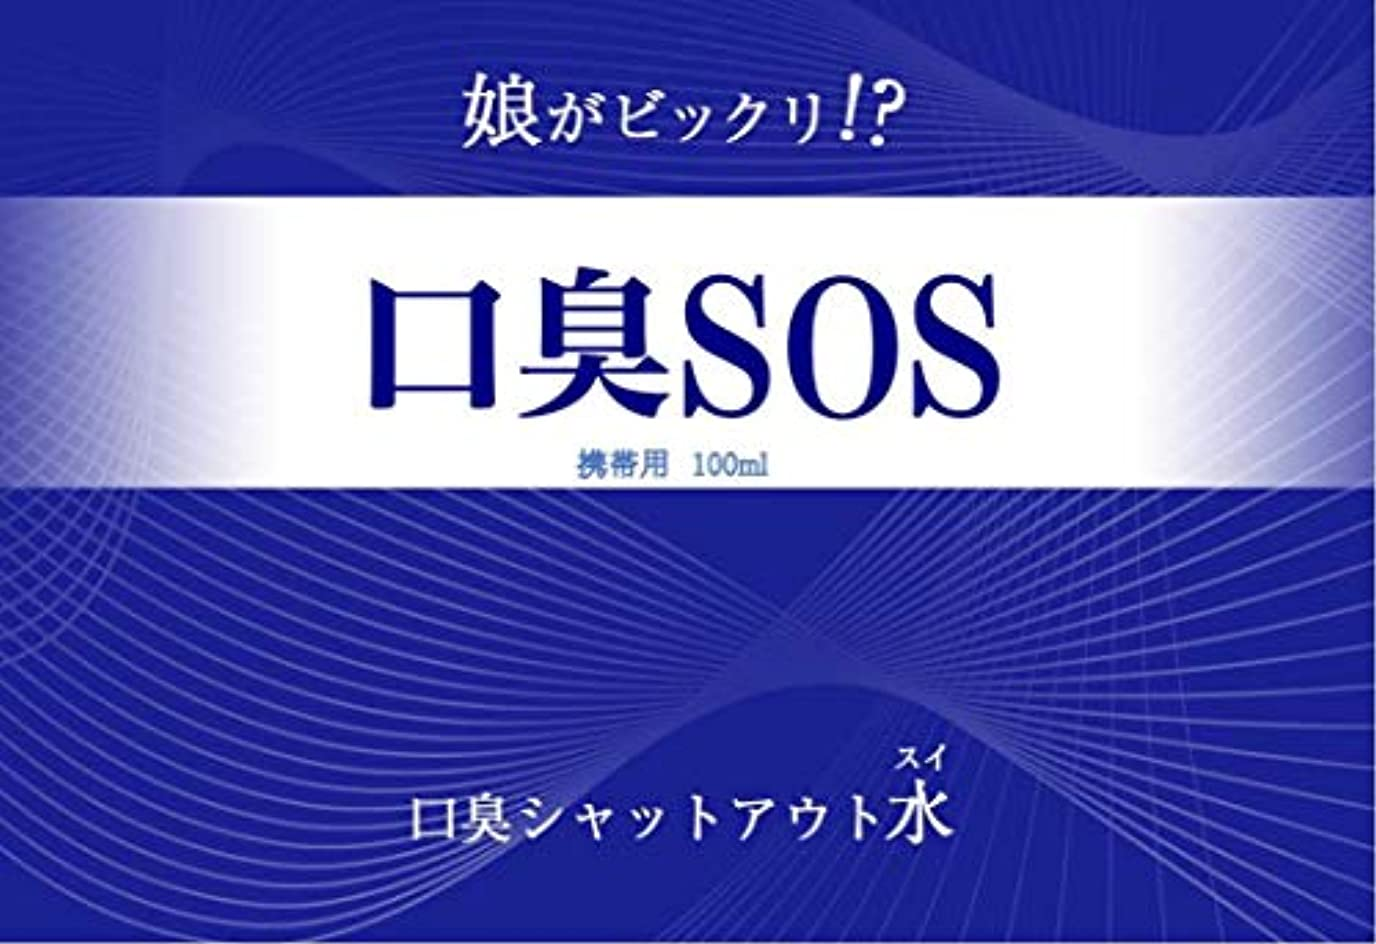 浸した適応的名義で口臭SOS 携帯用 100ml 私のドブのような口臭が無くなった マジで 日本製